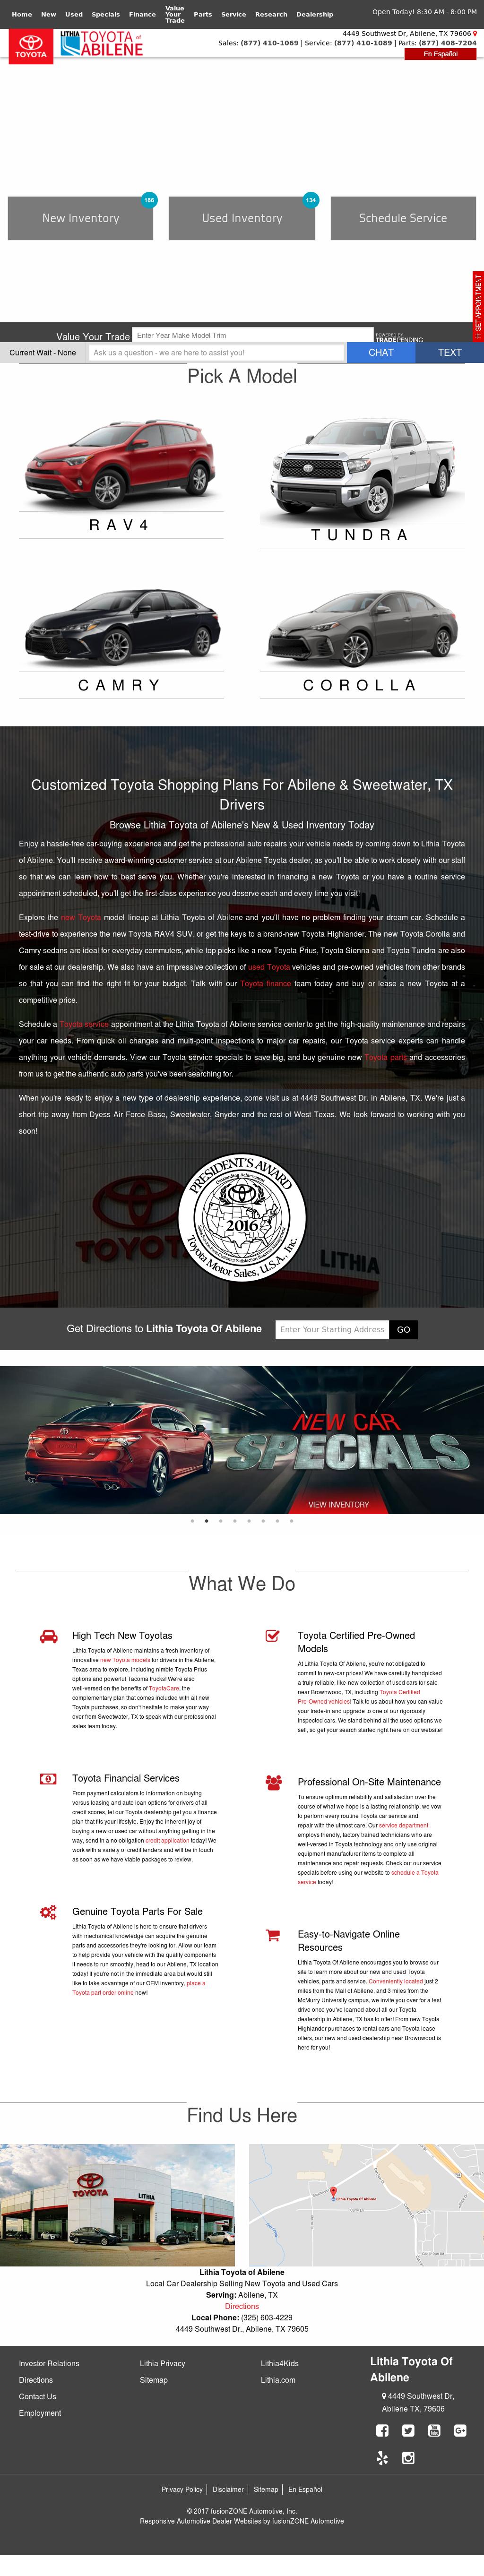 Lithia Toyota Of Abilene Website History